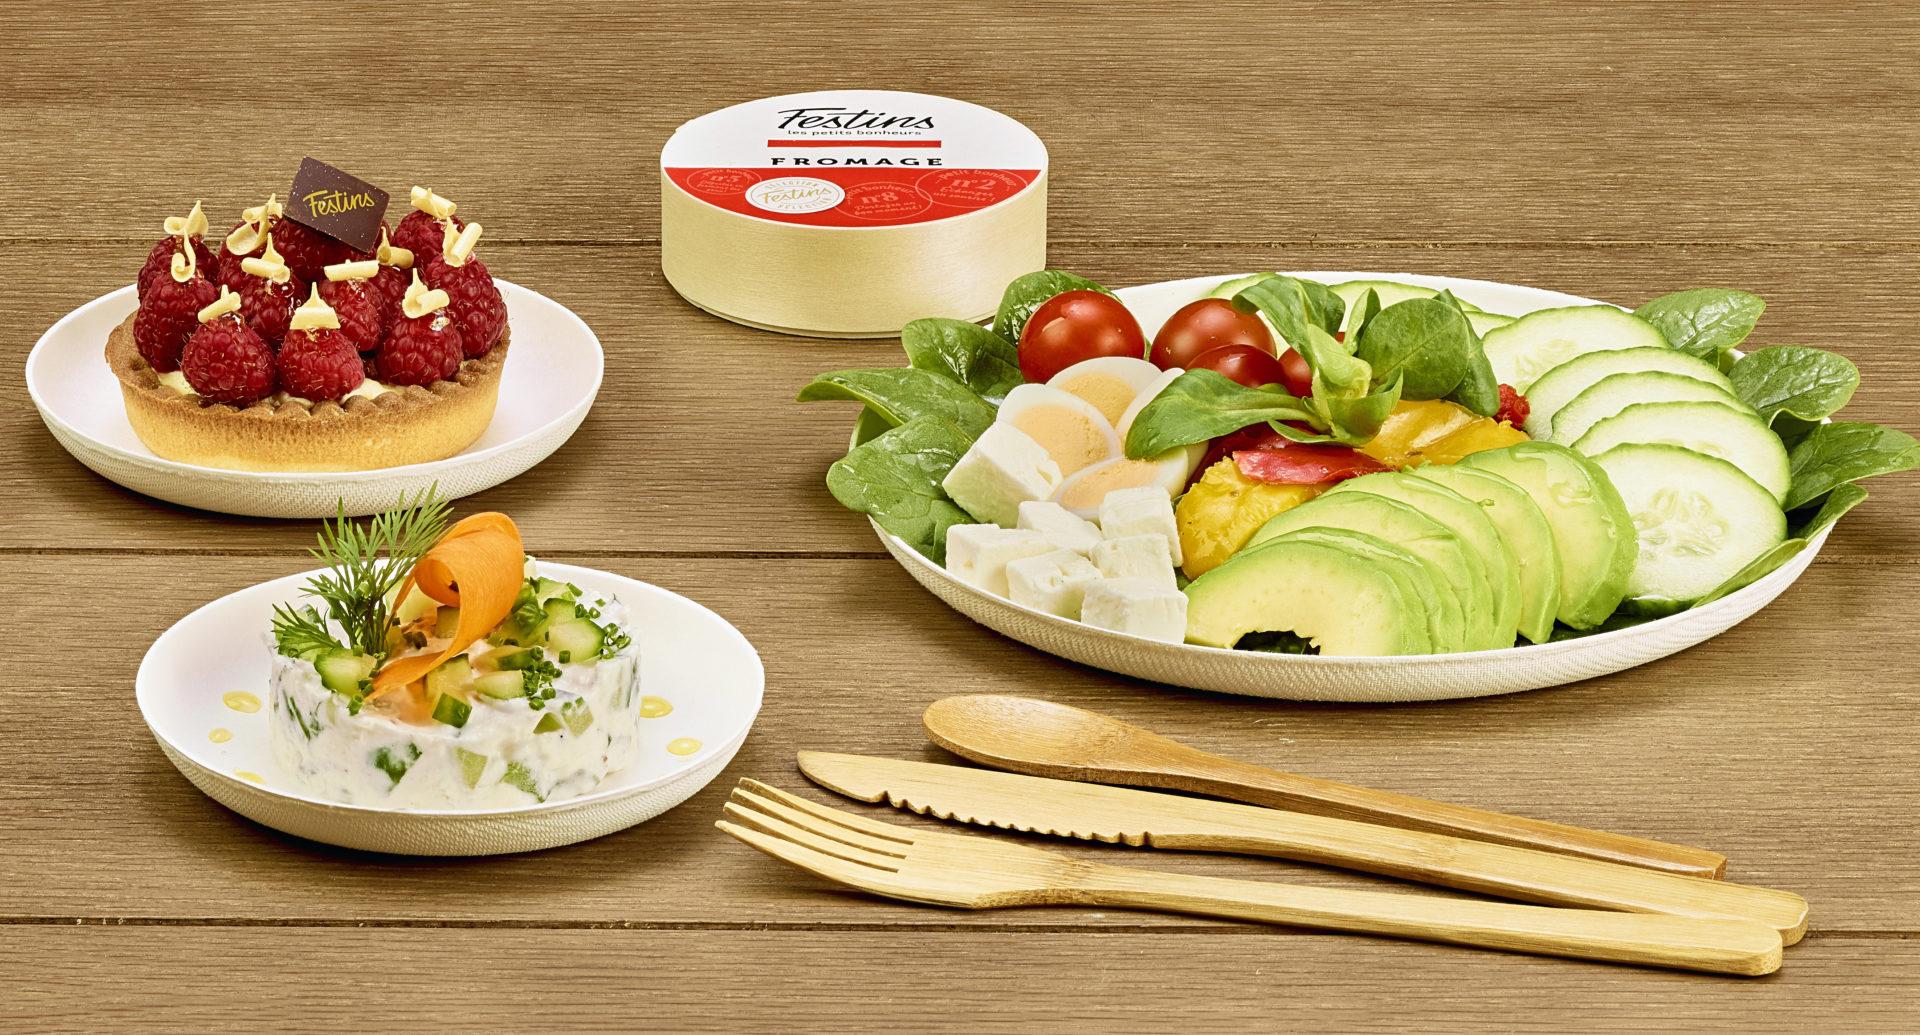 Plateau repas végétarien - Livraison ou à emporter - Bourgogne - Paris